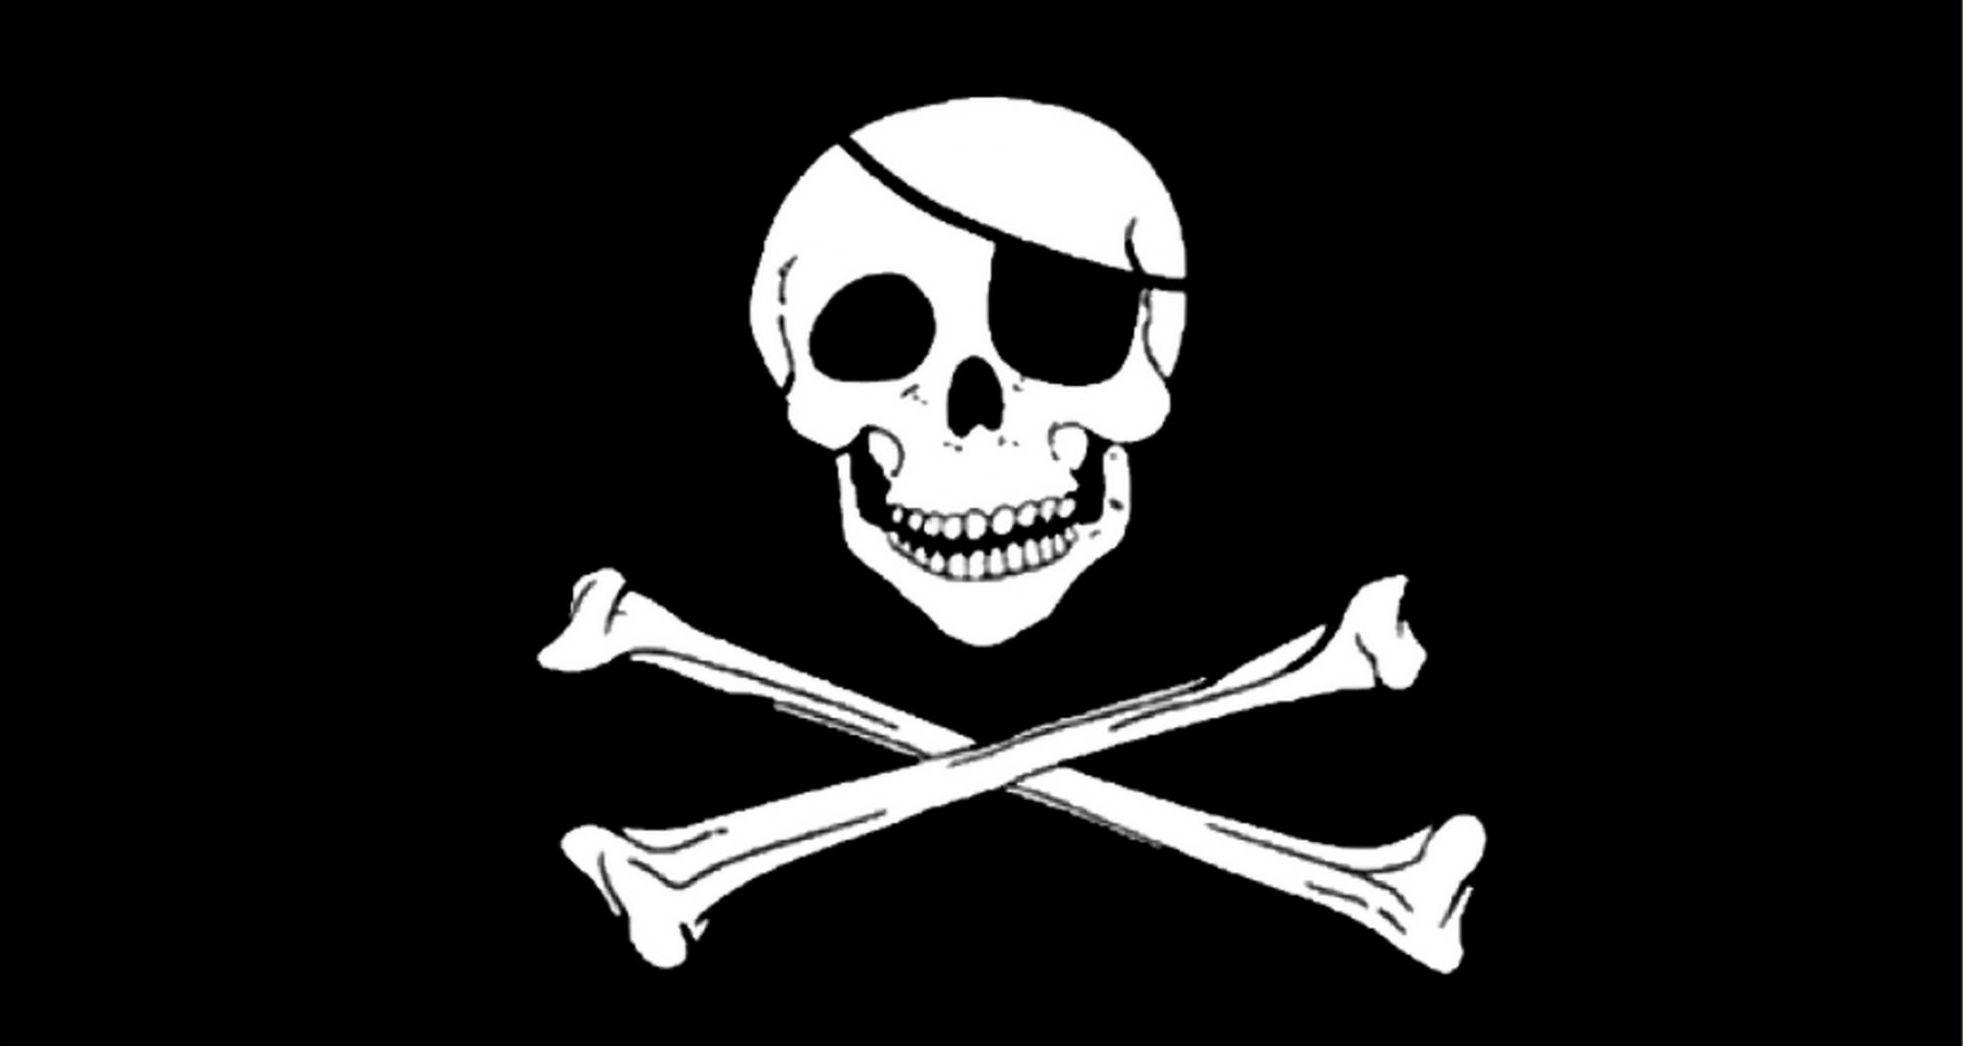 Videogiochi: 10 titoli con una fantasiosa soluzione anti-pirateria thumbnail